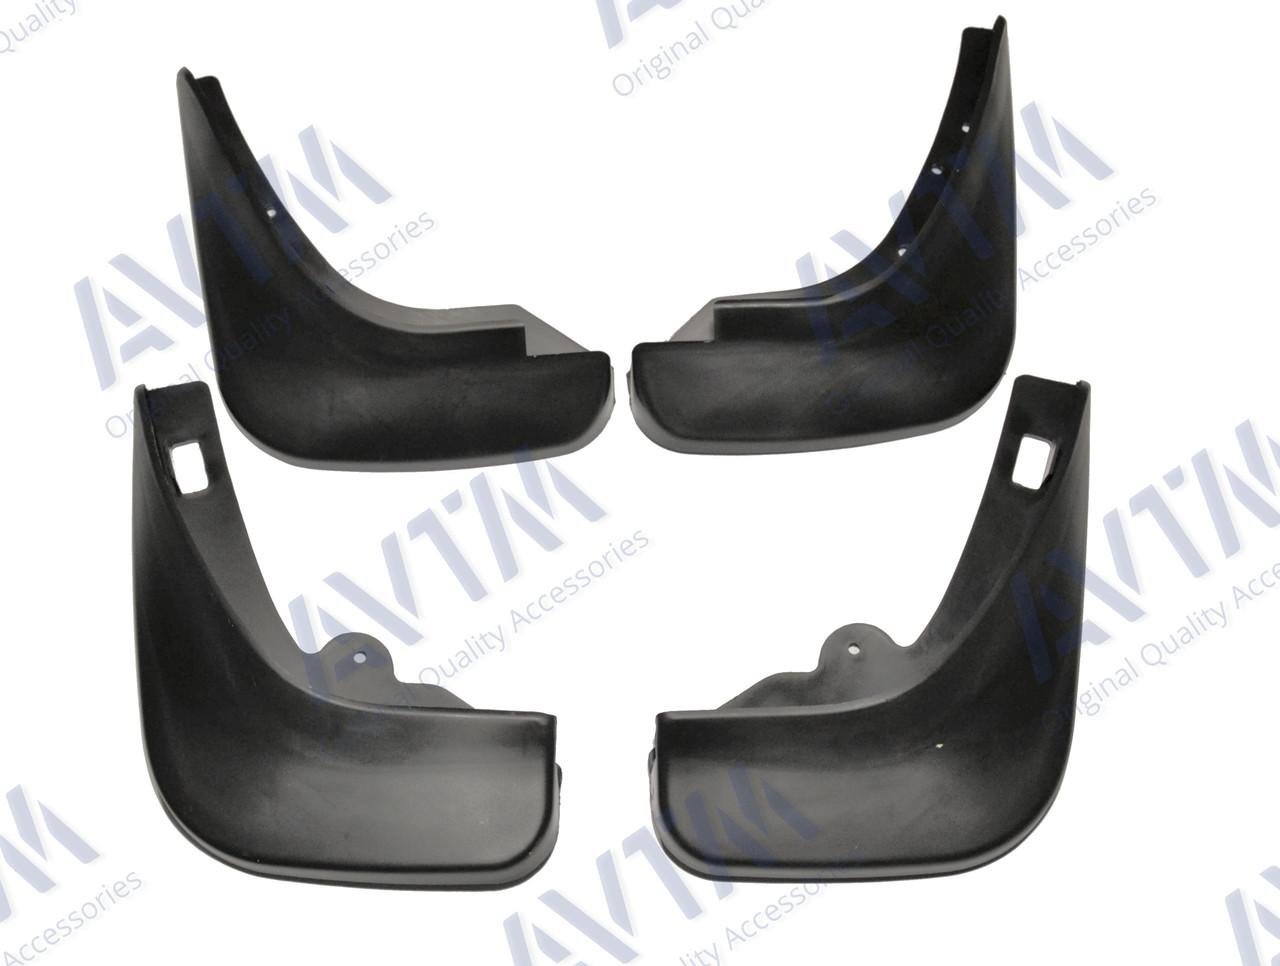 Брызговики полный комплект для Ford Focus HB 2004-2011 комплект 4шт MF.FOFO0411FR